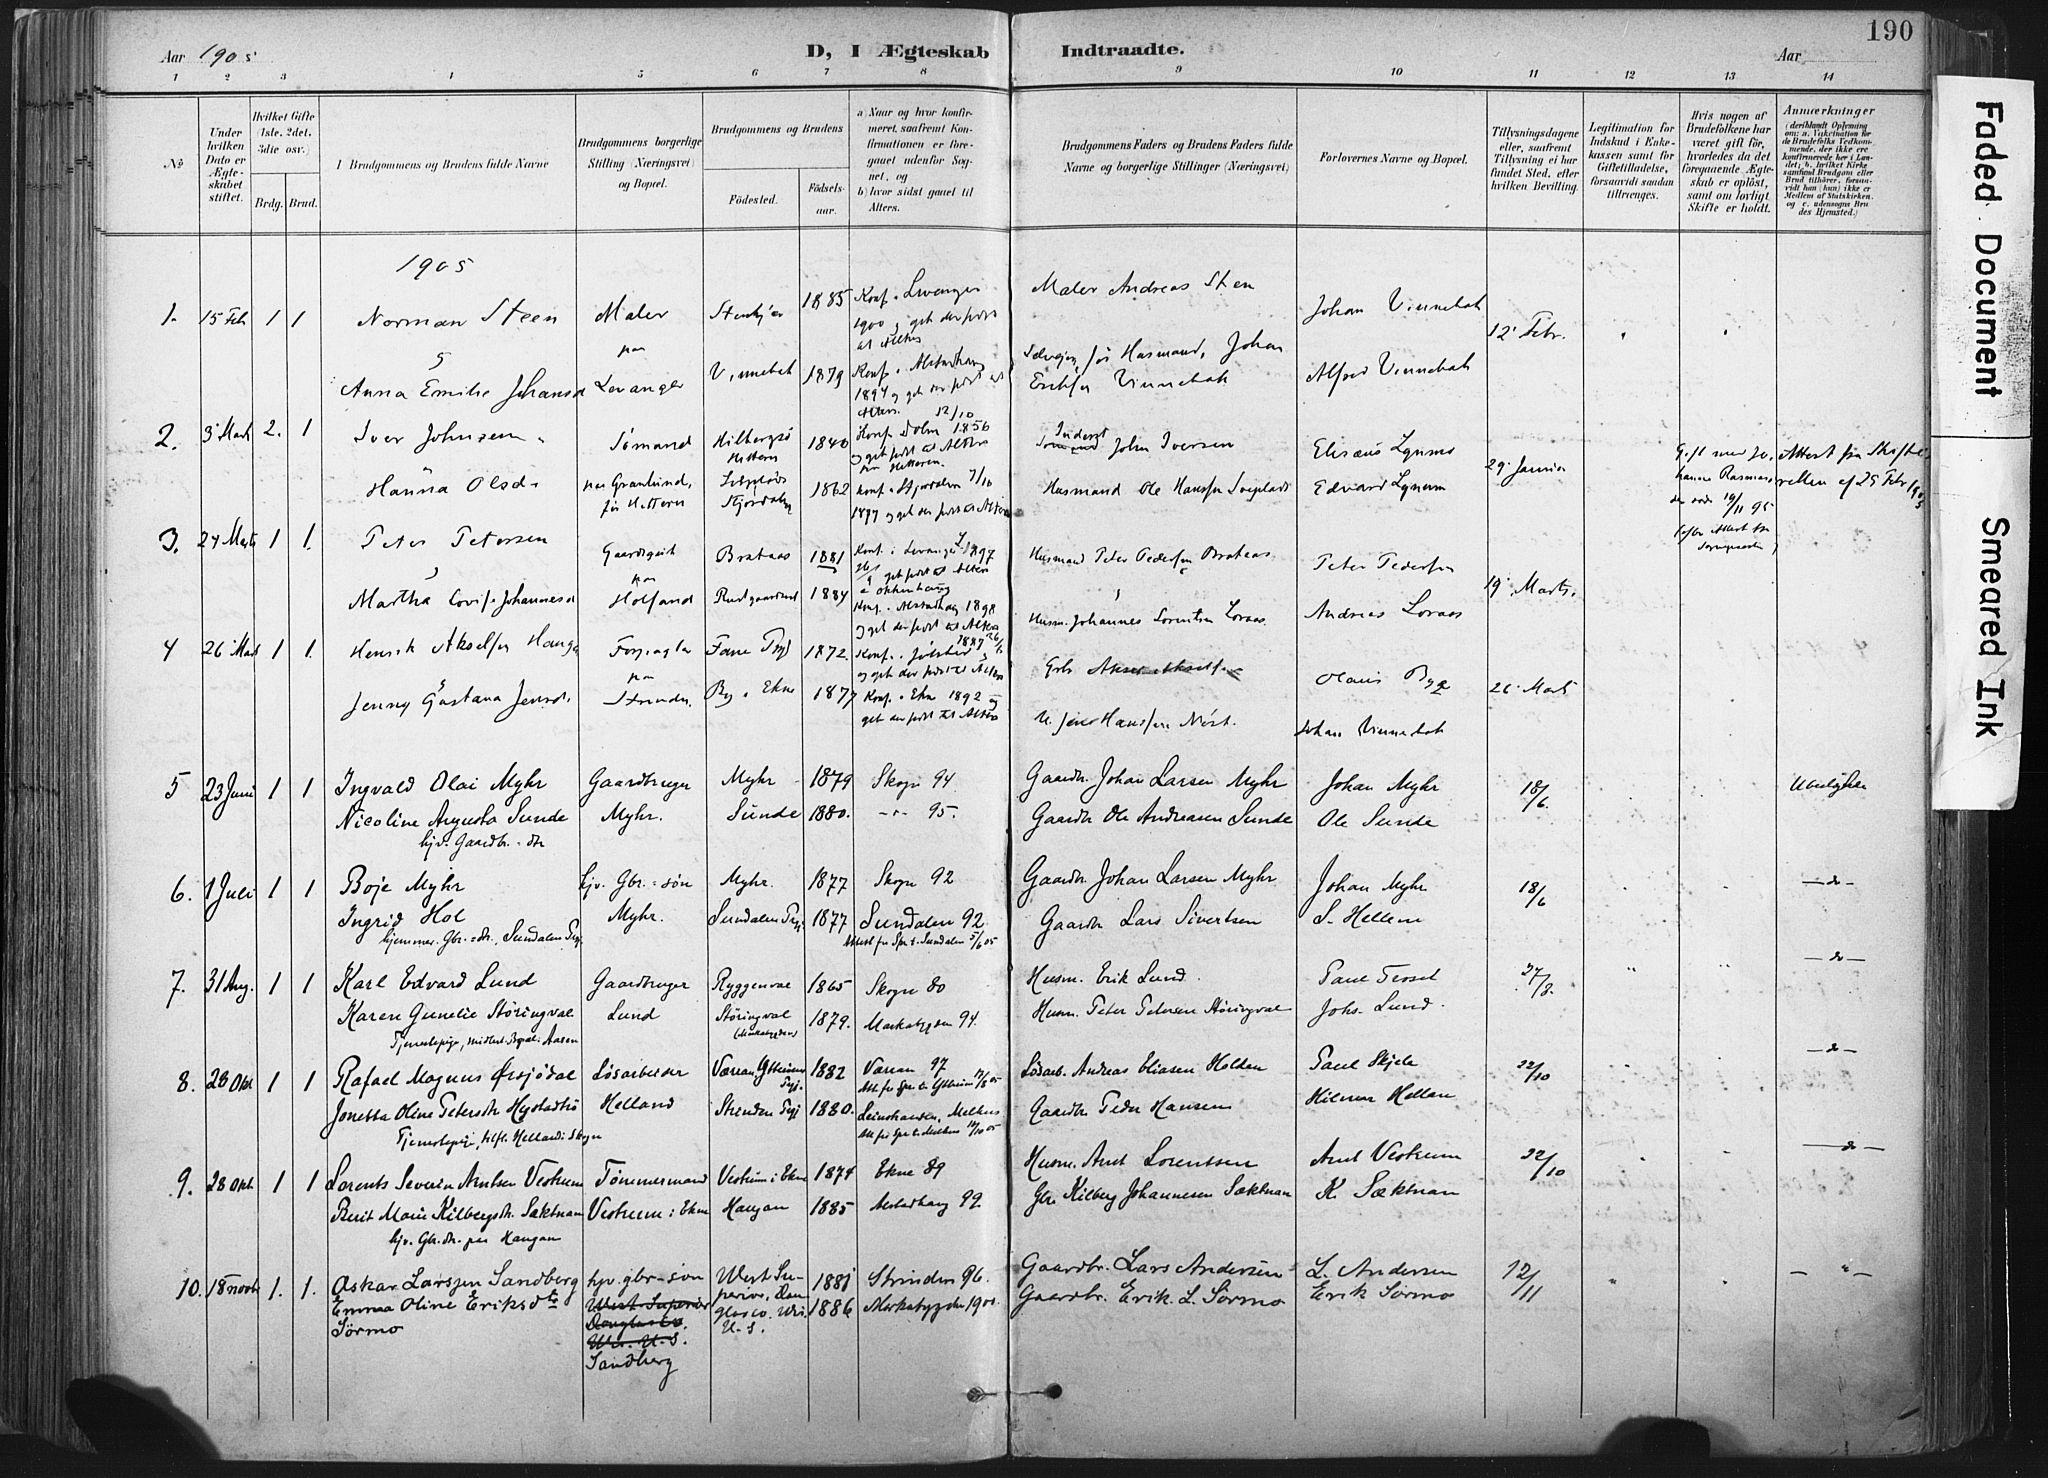 SAT, Ministerialprotokoller, klokkerbøker og fødselsregistre - Nord-Trøndelag, 717/L0162: Ministerialbok nr. 717A12, 1898-1923, s. 190